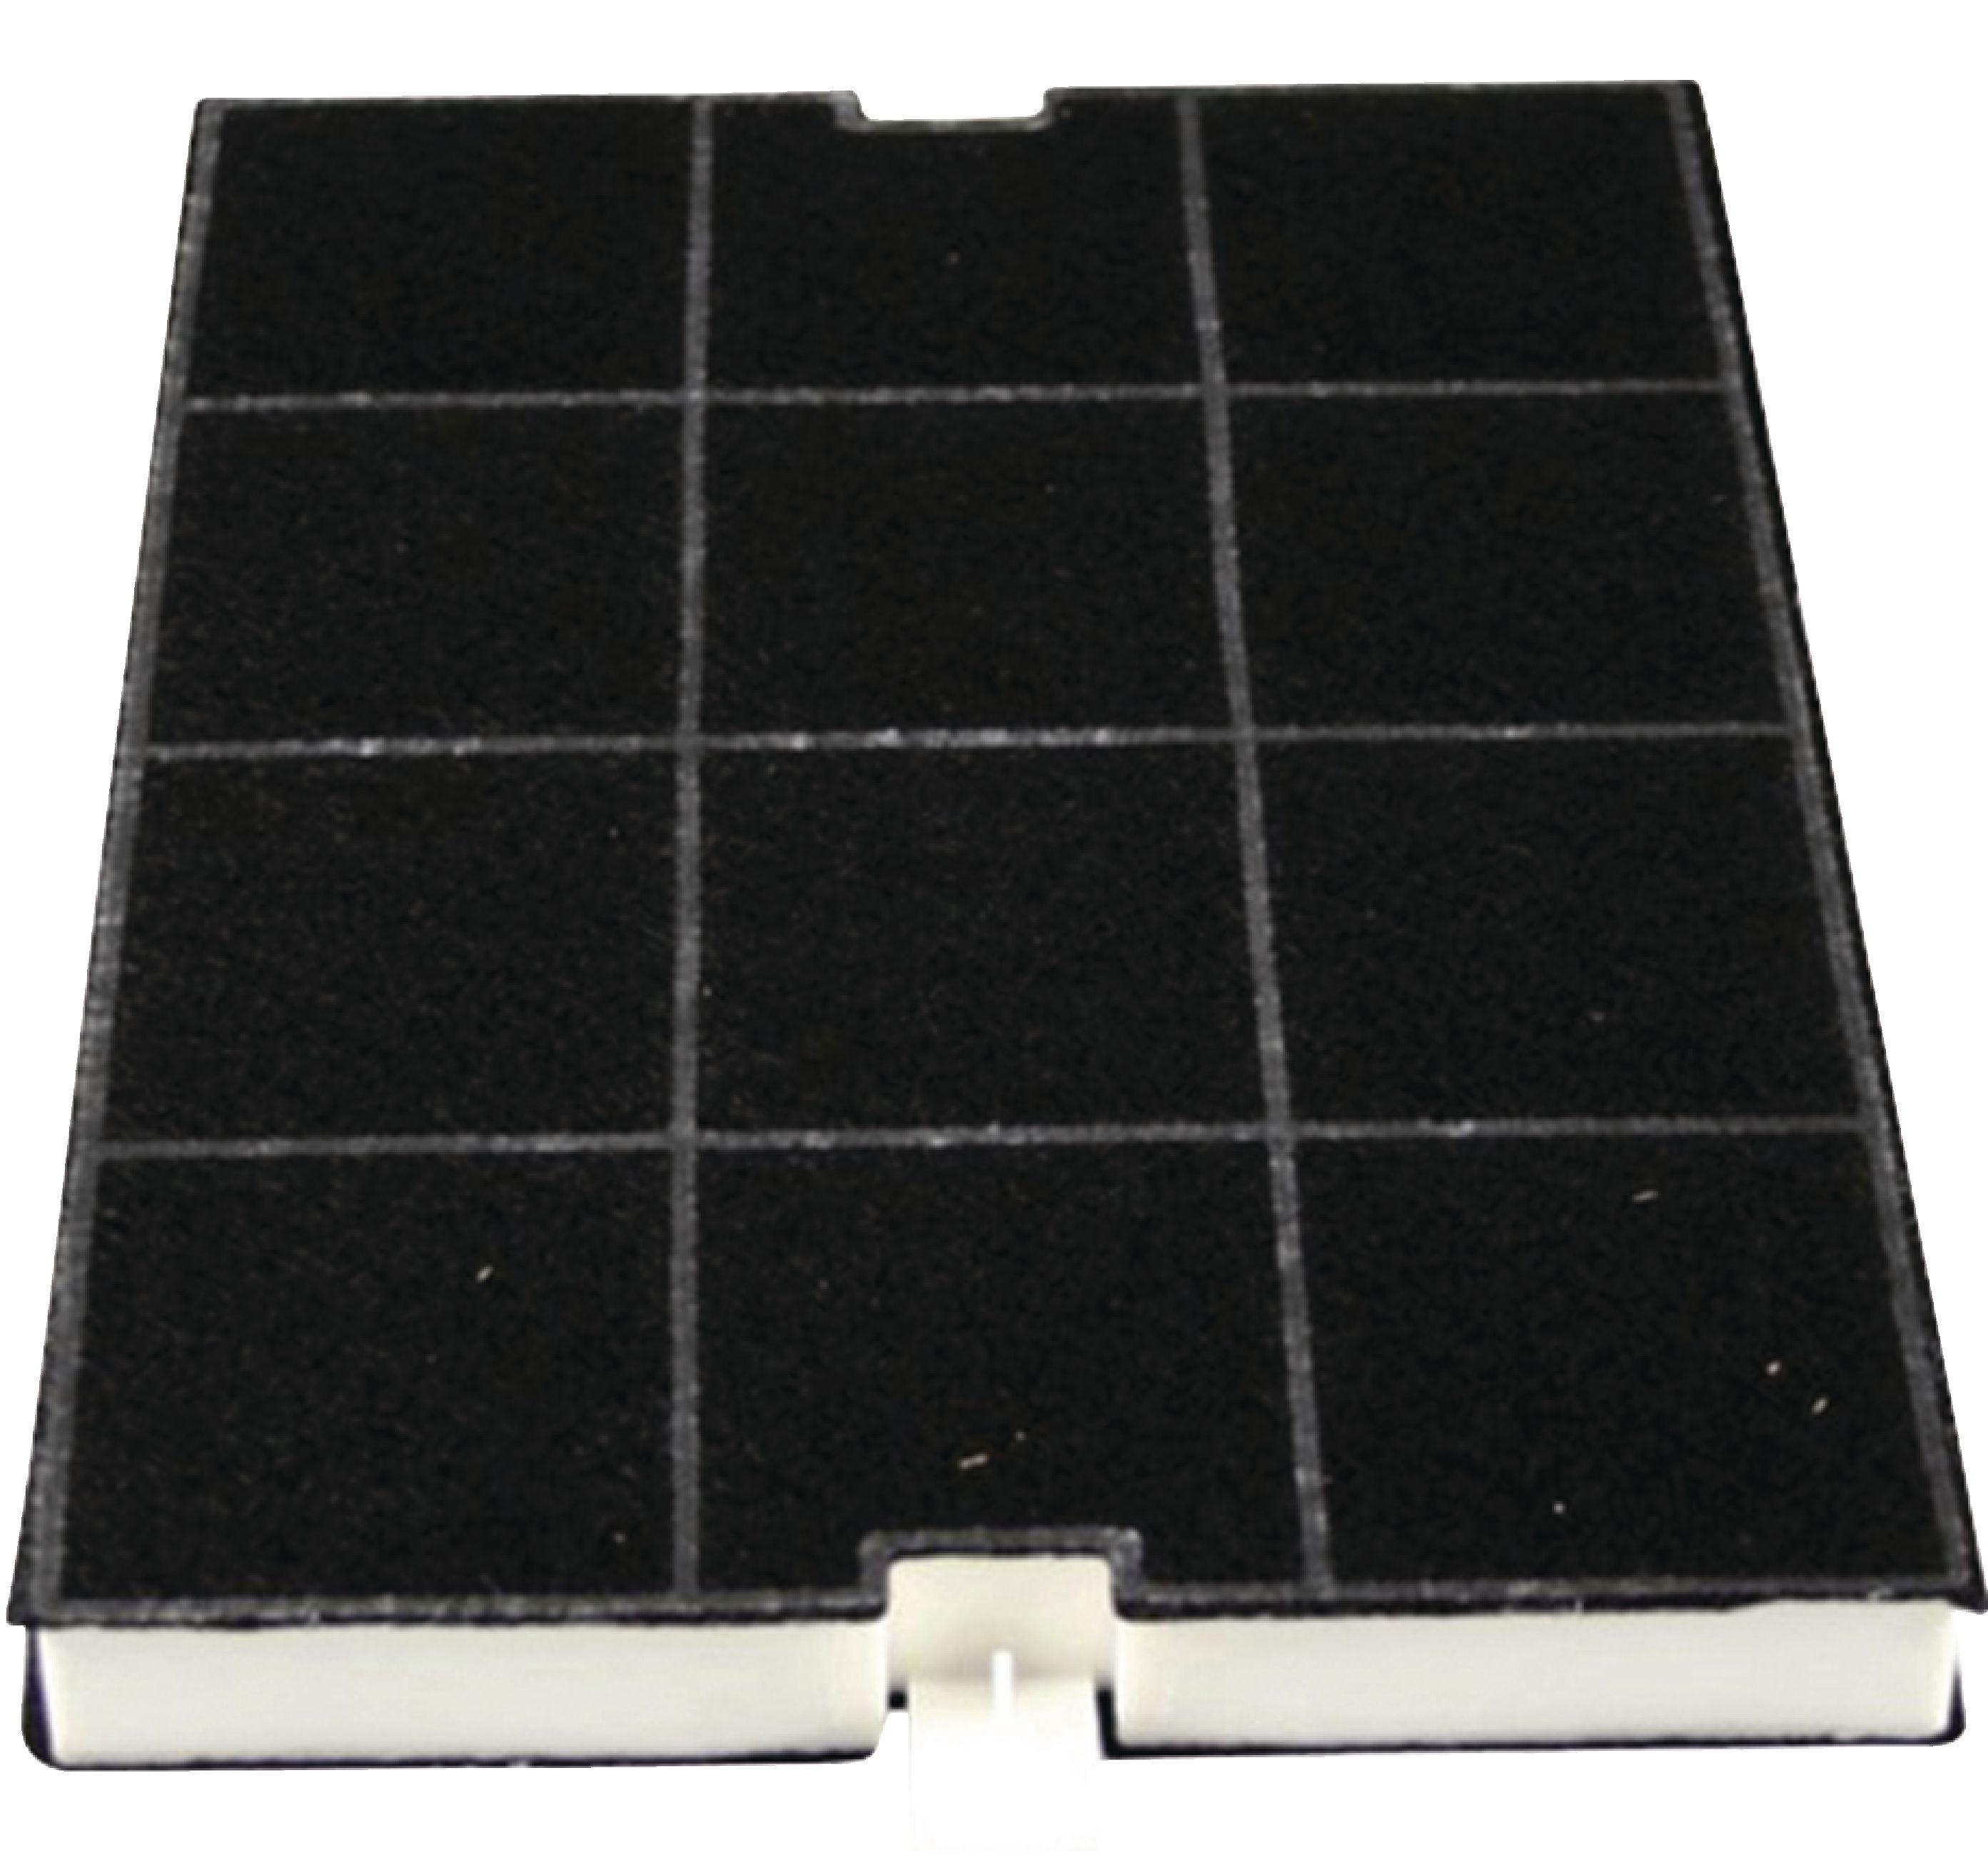 Uhlíkový filtr do digestoře Bosh/Siemens, 29.6 x 20.38 cm